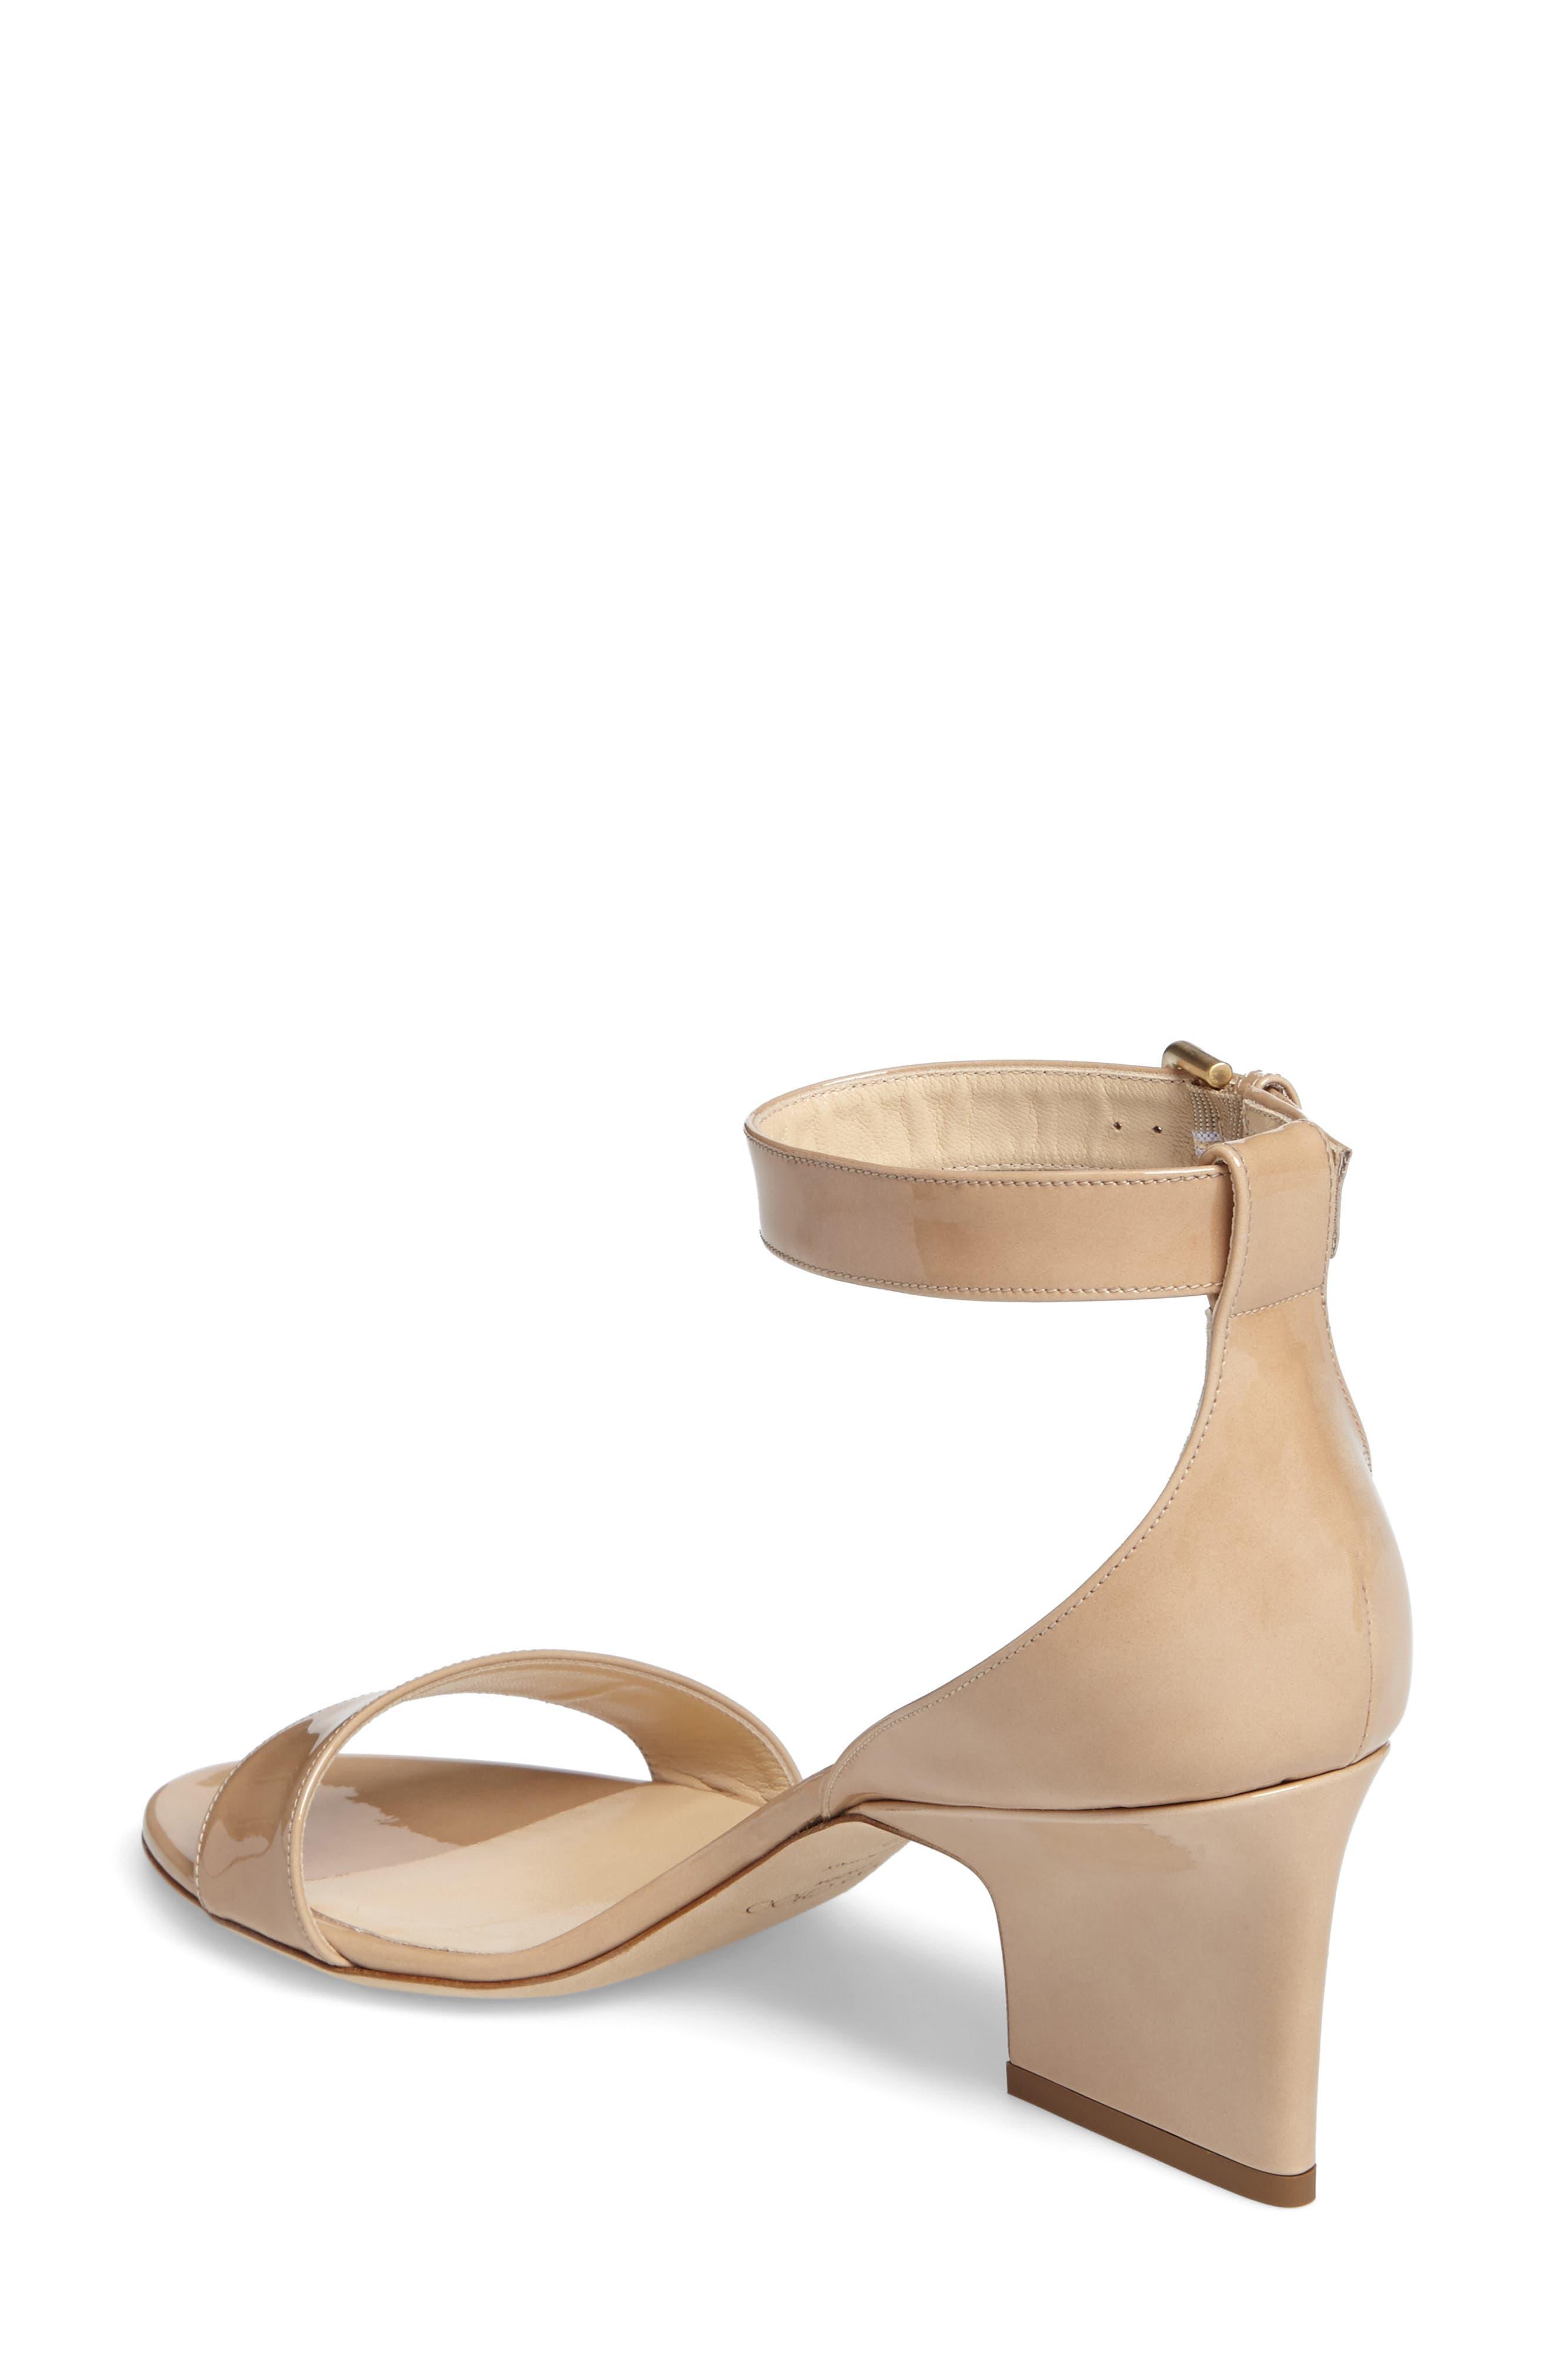 Edina Ankle Strap Sandal,                             Alternate thumbnail 2, color,                             Nude Patent